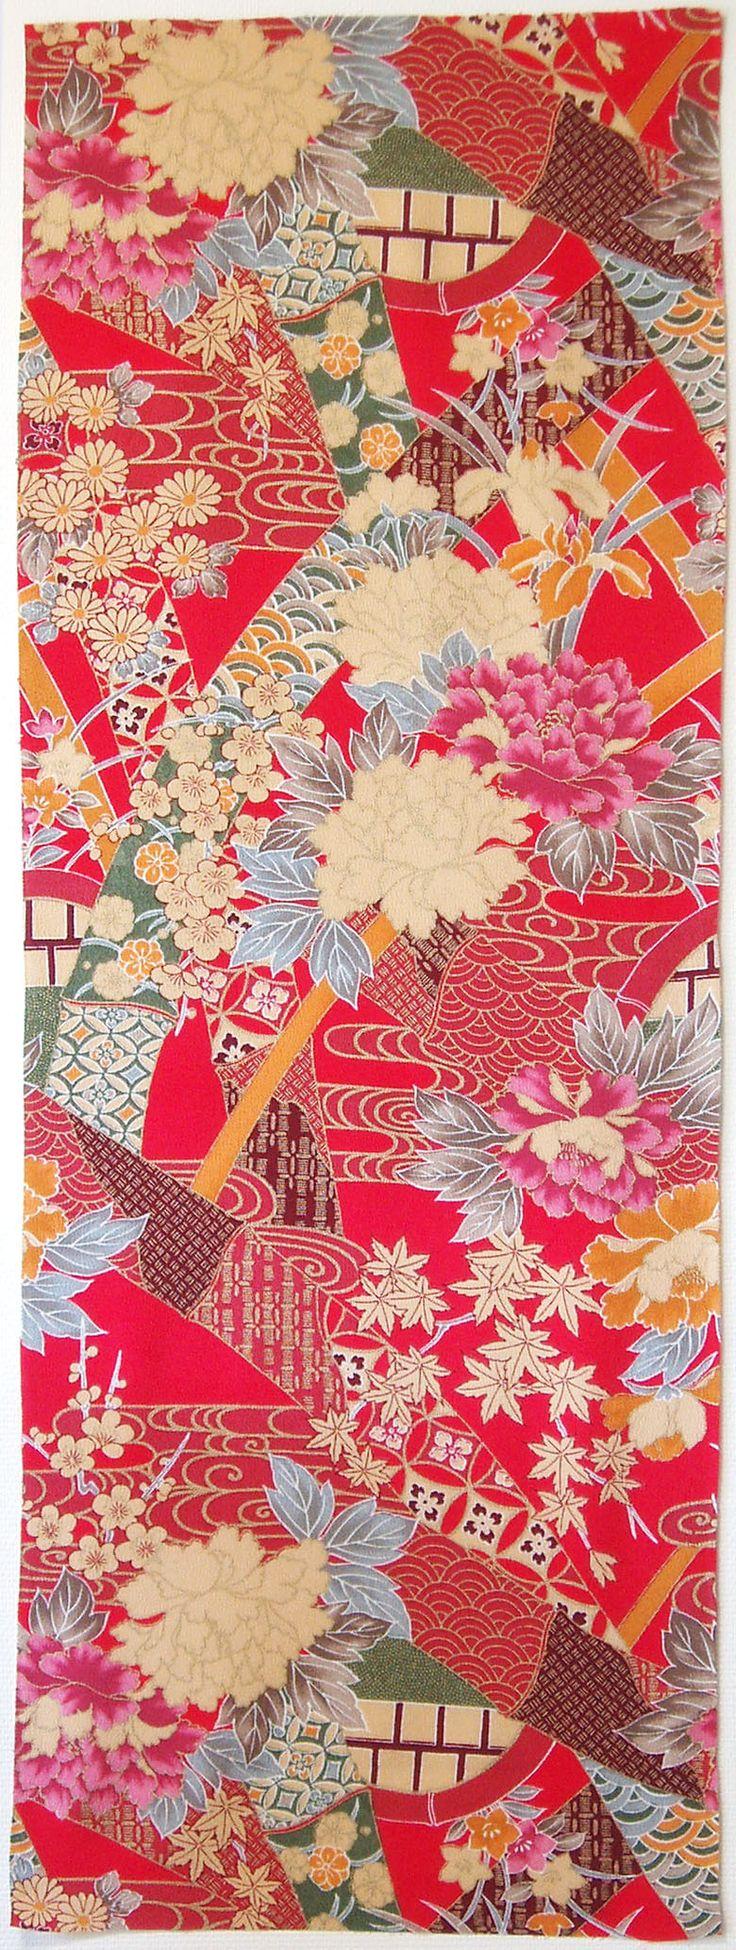 Japanese kimono textile                                                                                                                                                      More